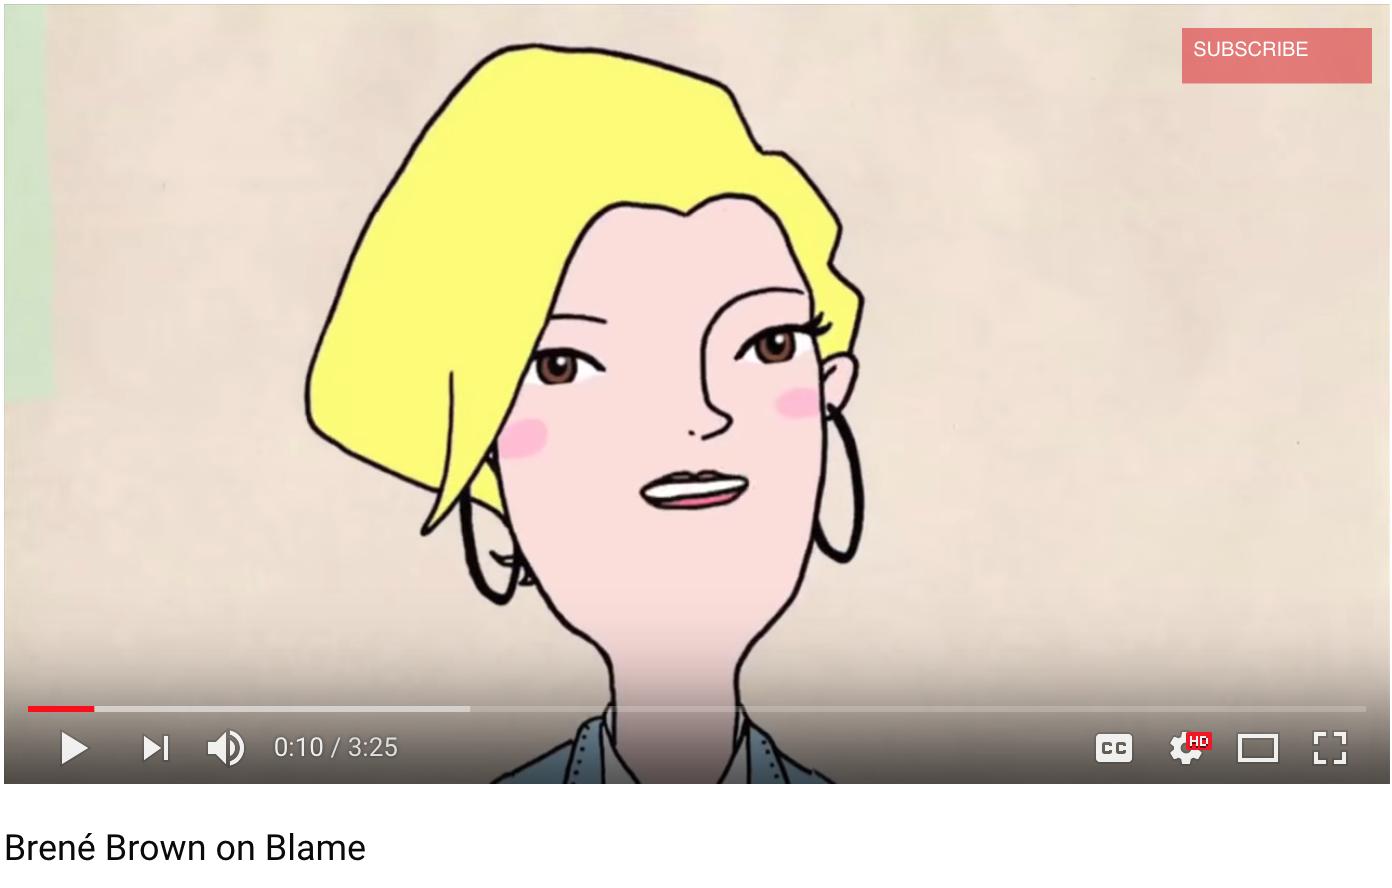 Brene Brown on Blame